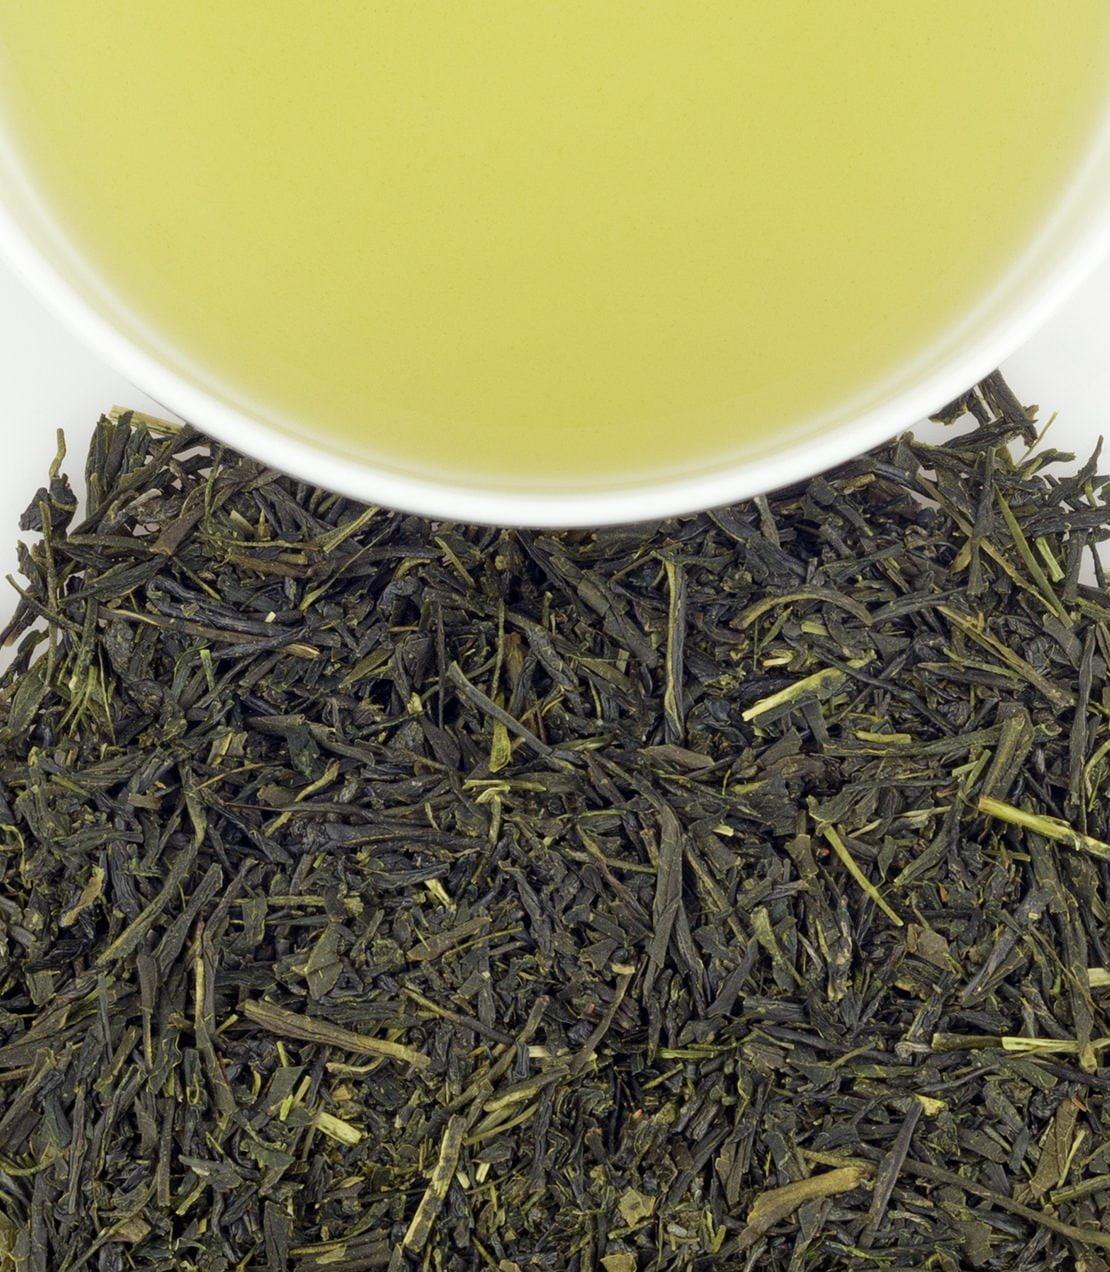 Japanese Green Sencha Tea